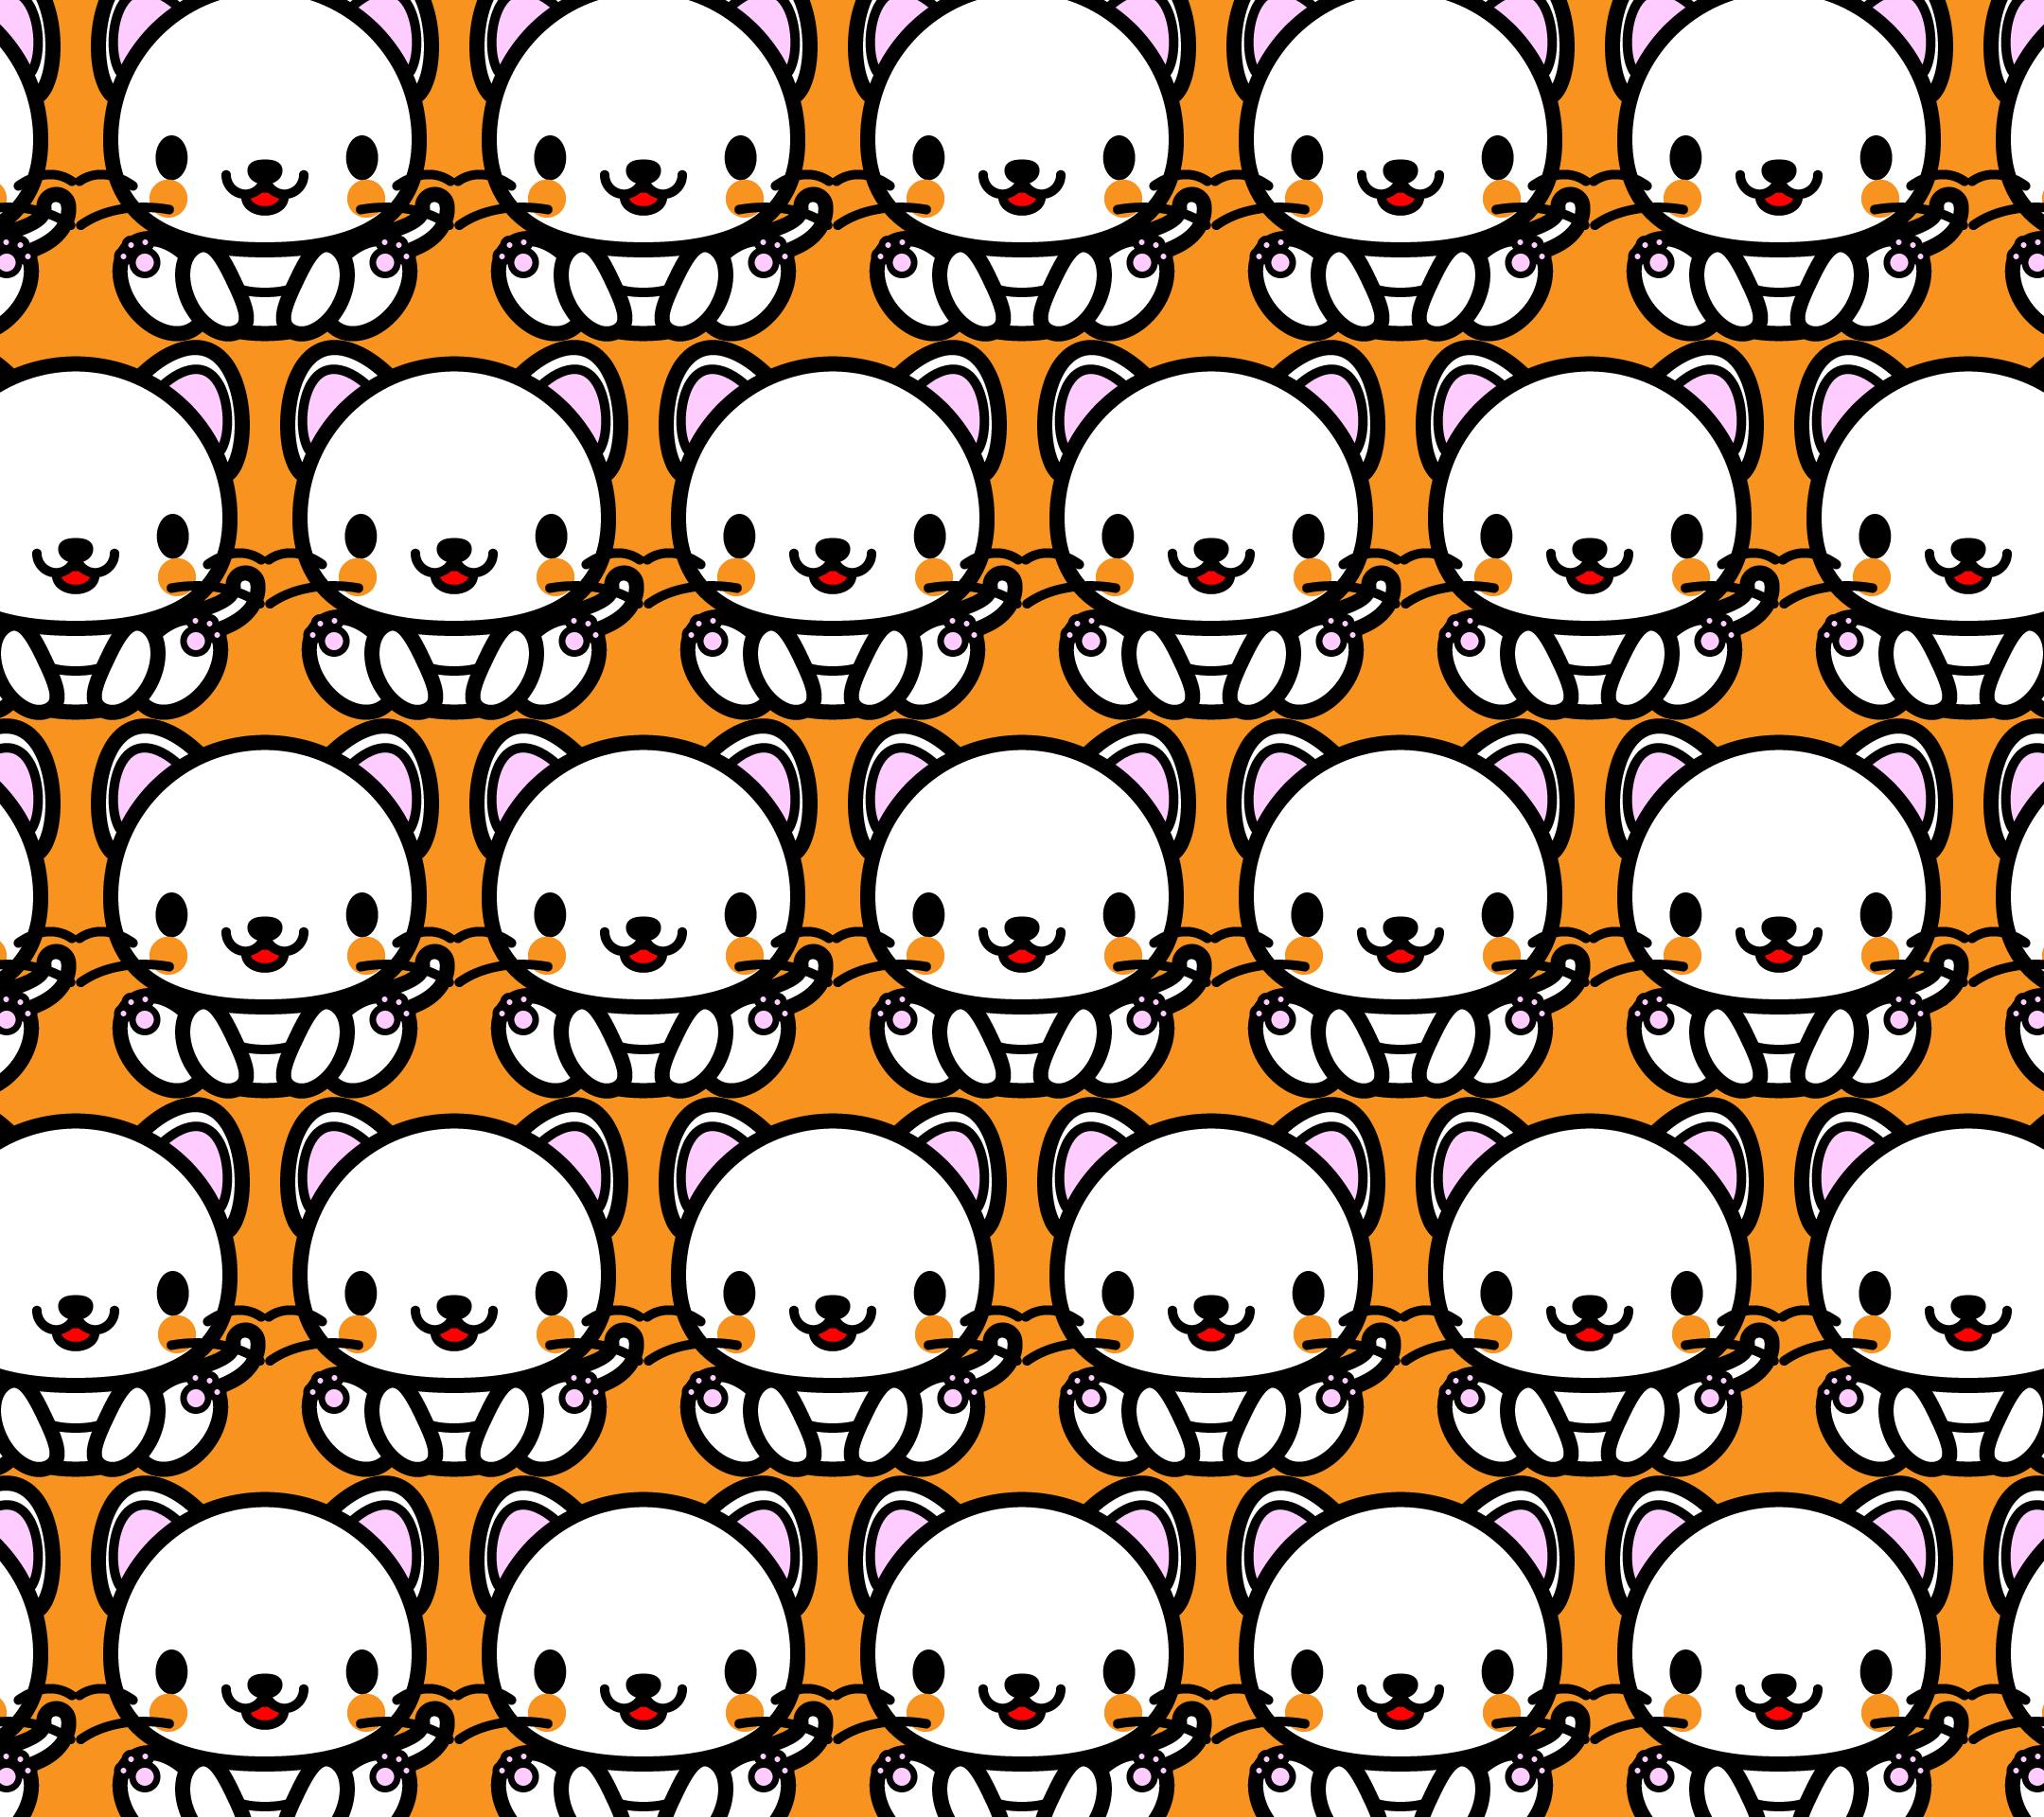 かわいい座り白猫づくし壁紙(Android)の無料イラスト・商用フリー